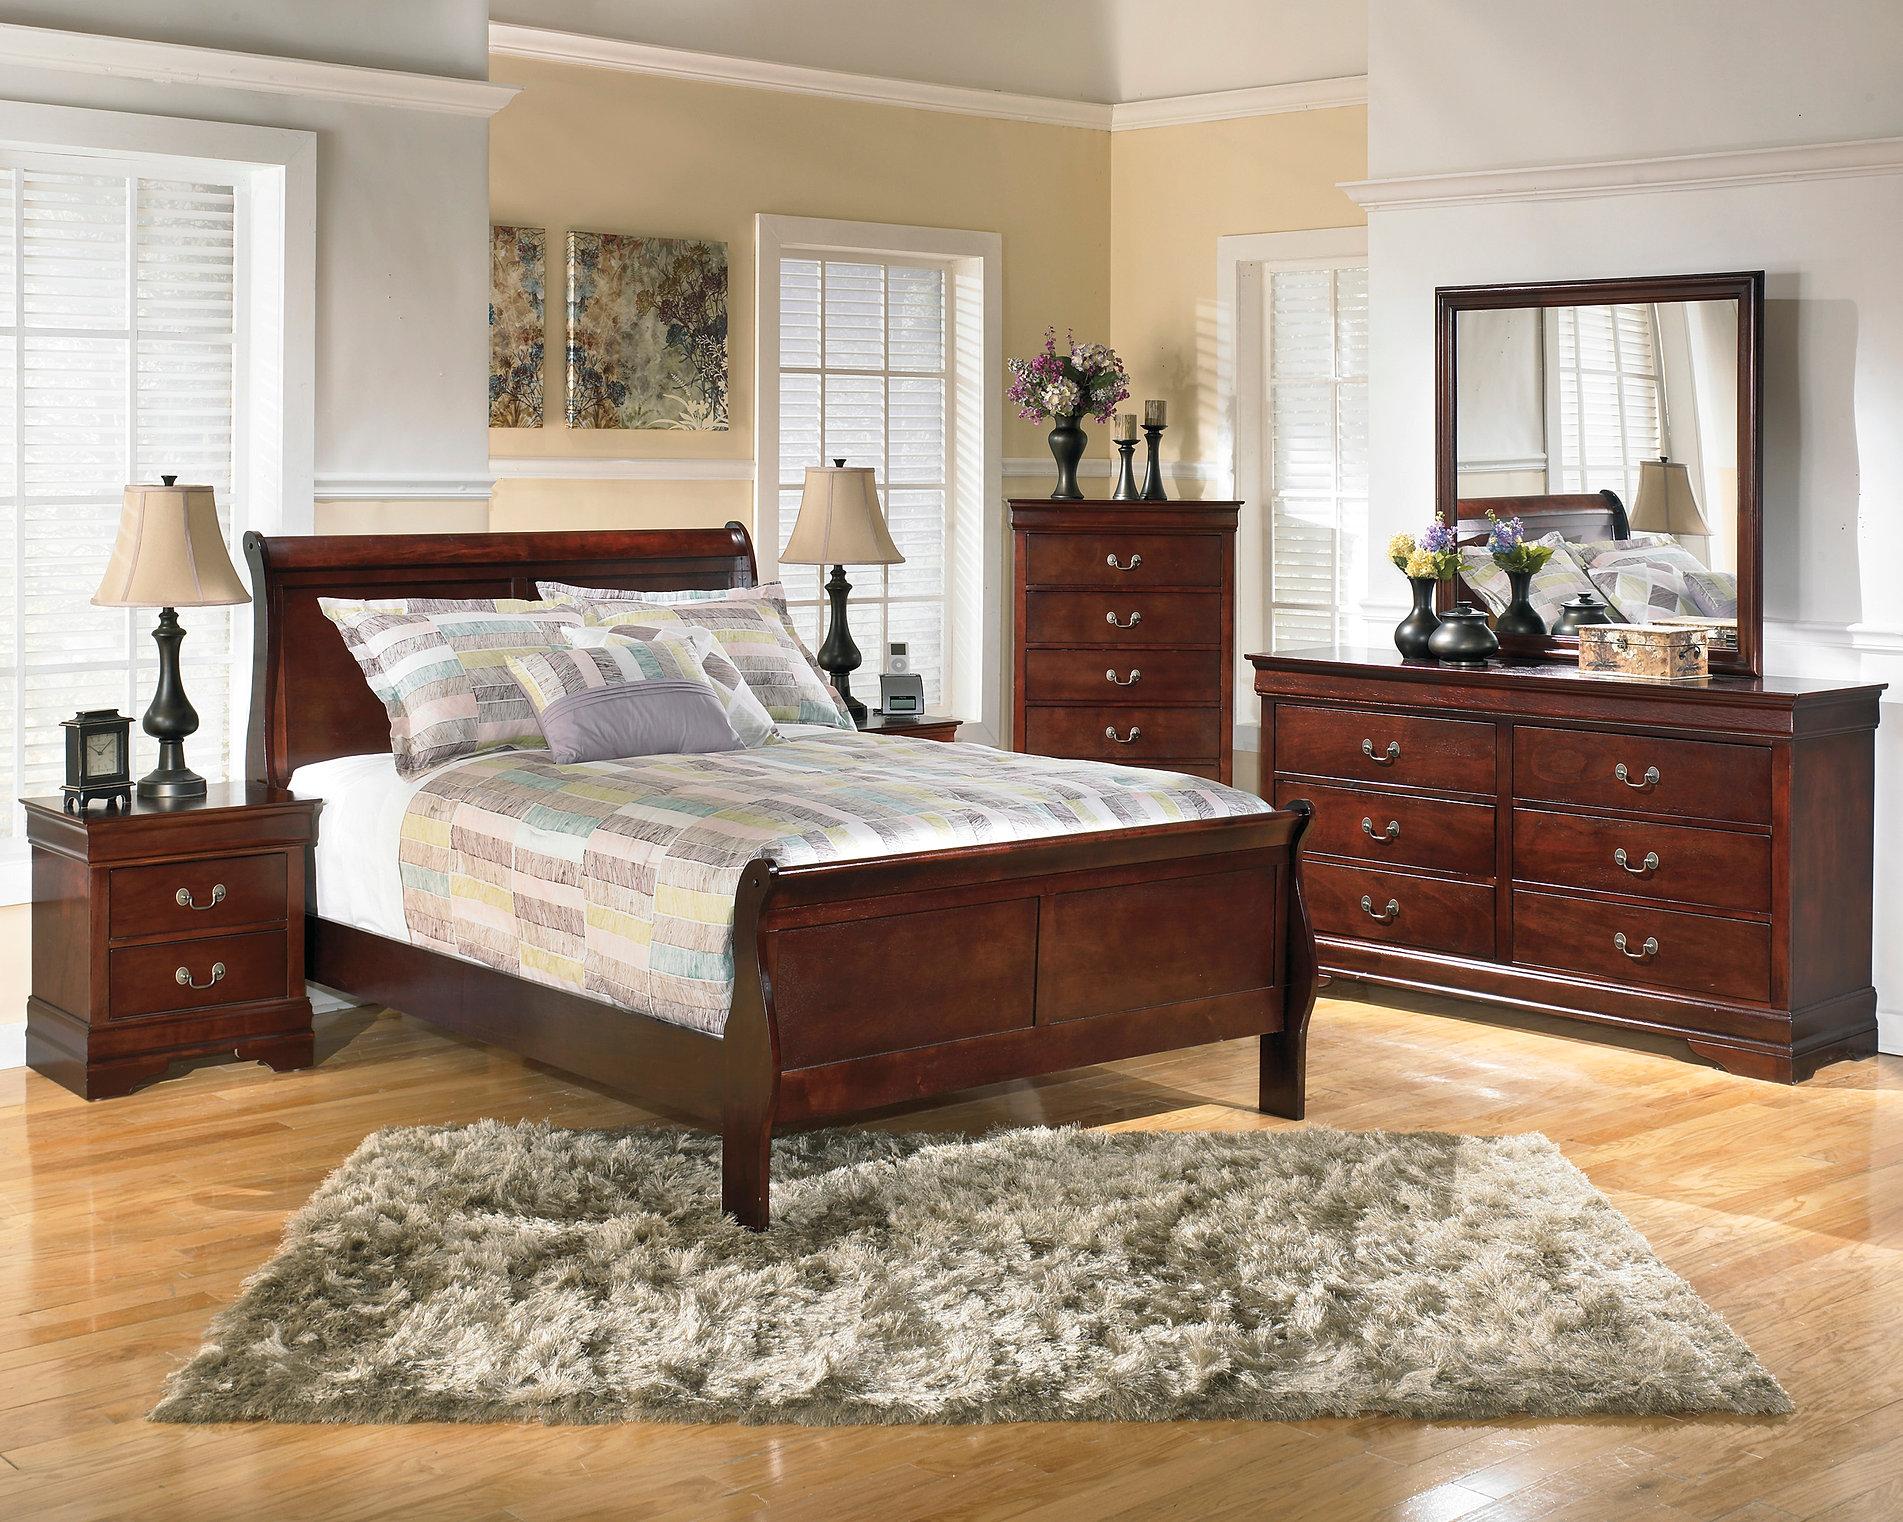 Bedroom Furniture Super Deal Furniture Gallery